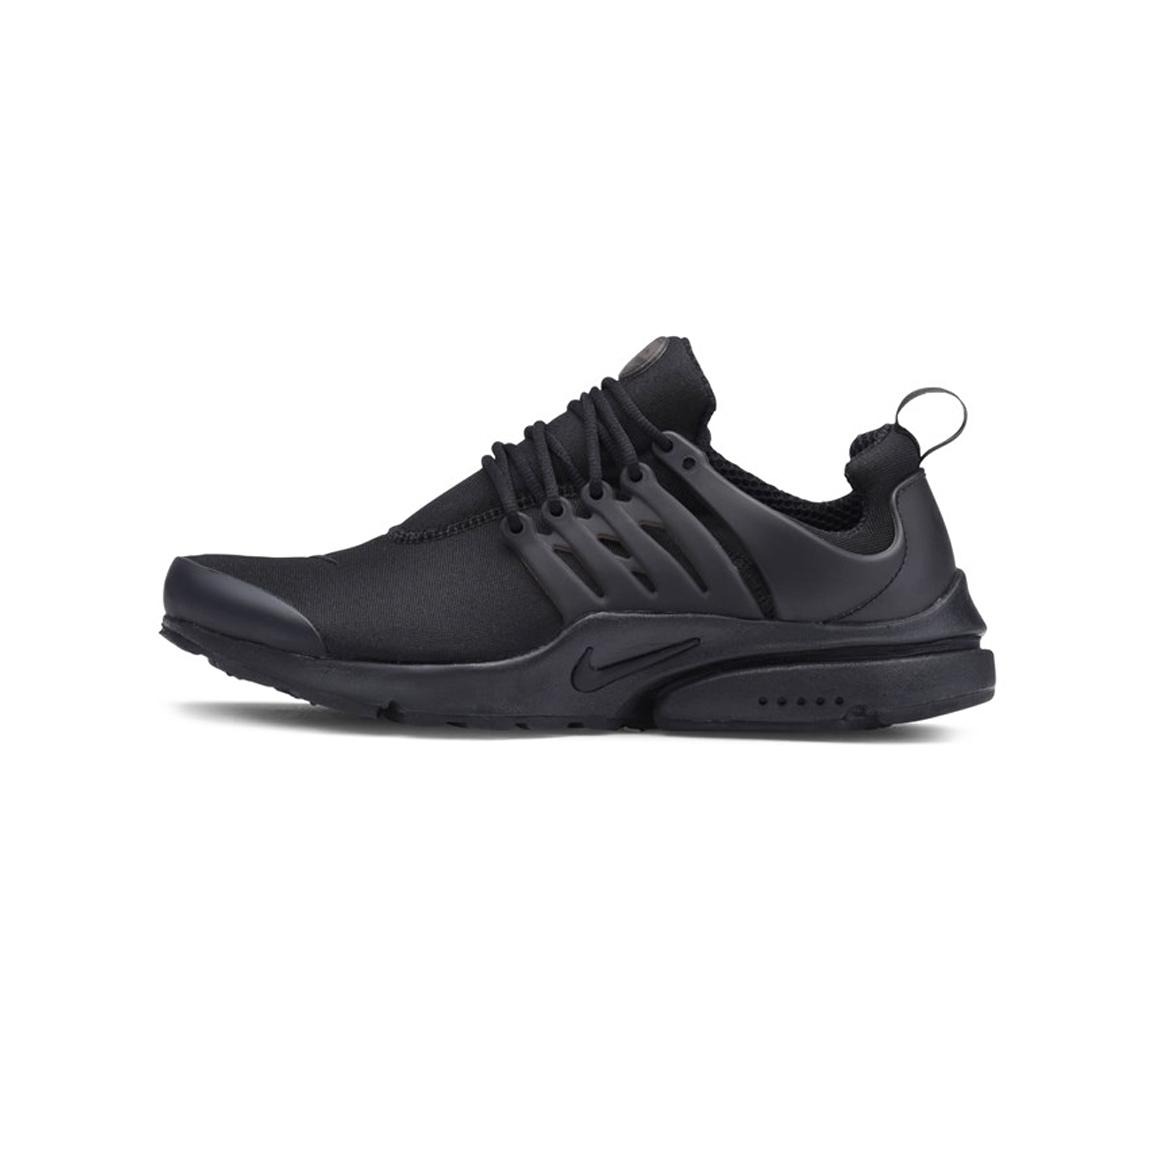 قیمت کفش مخصوص دویدن مردانه نایکی مدل 848187-011